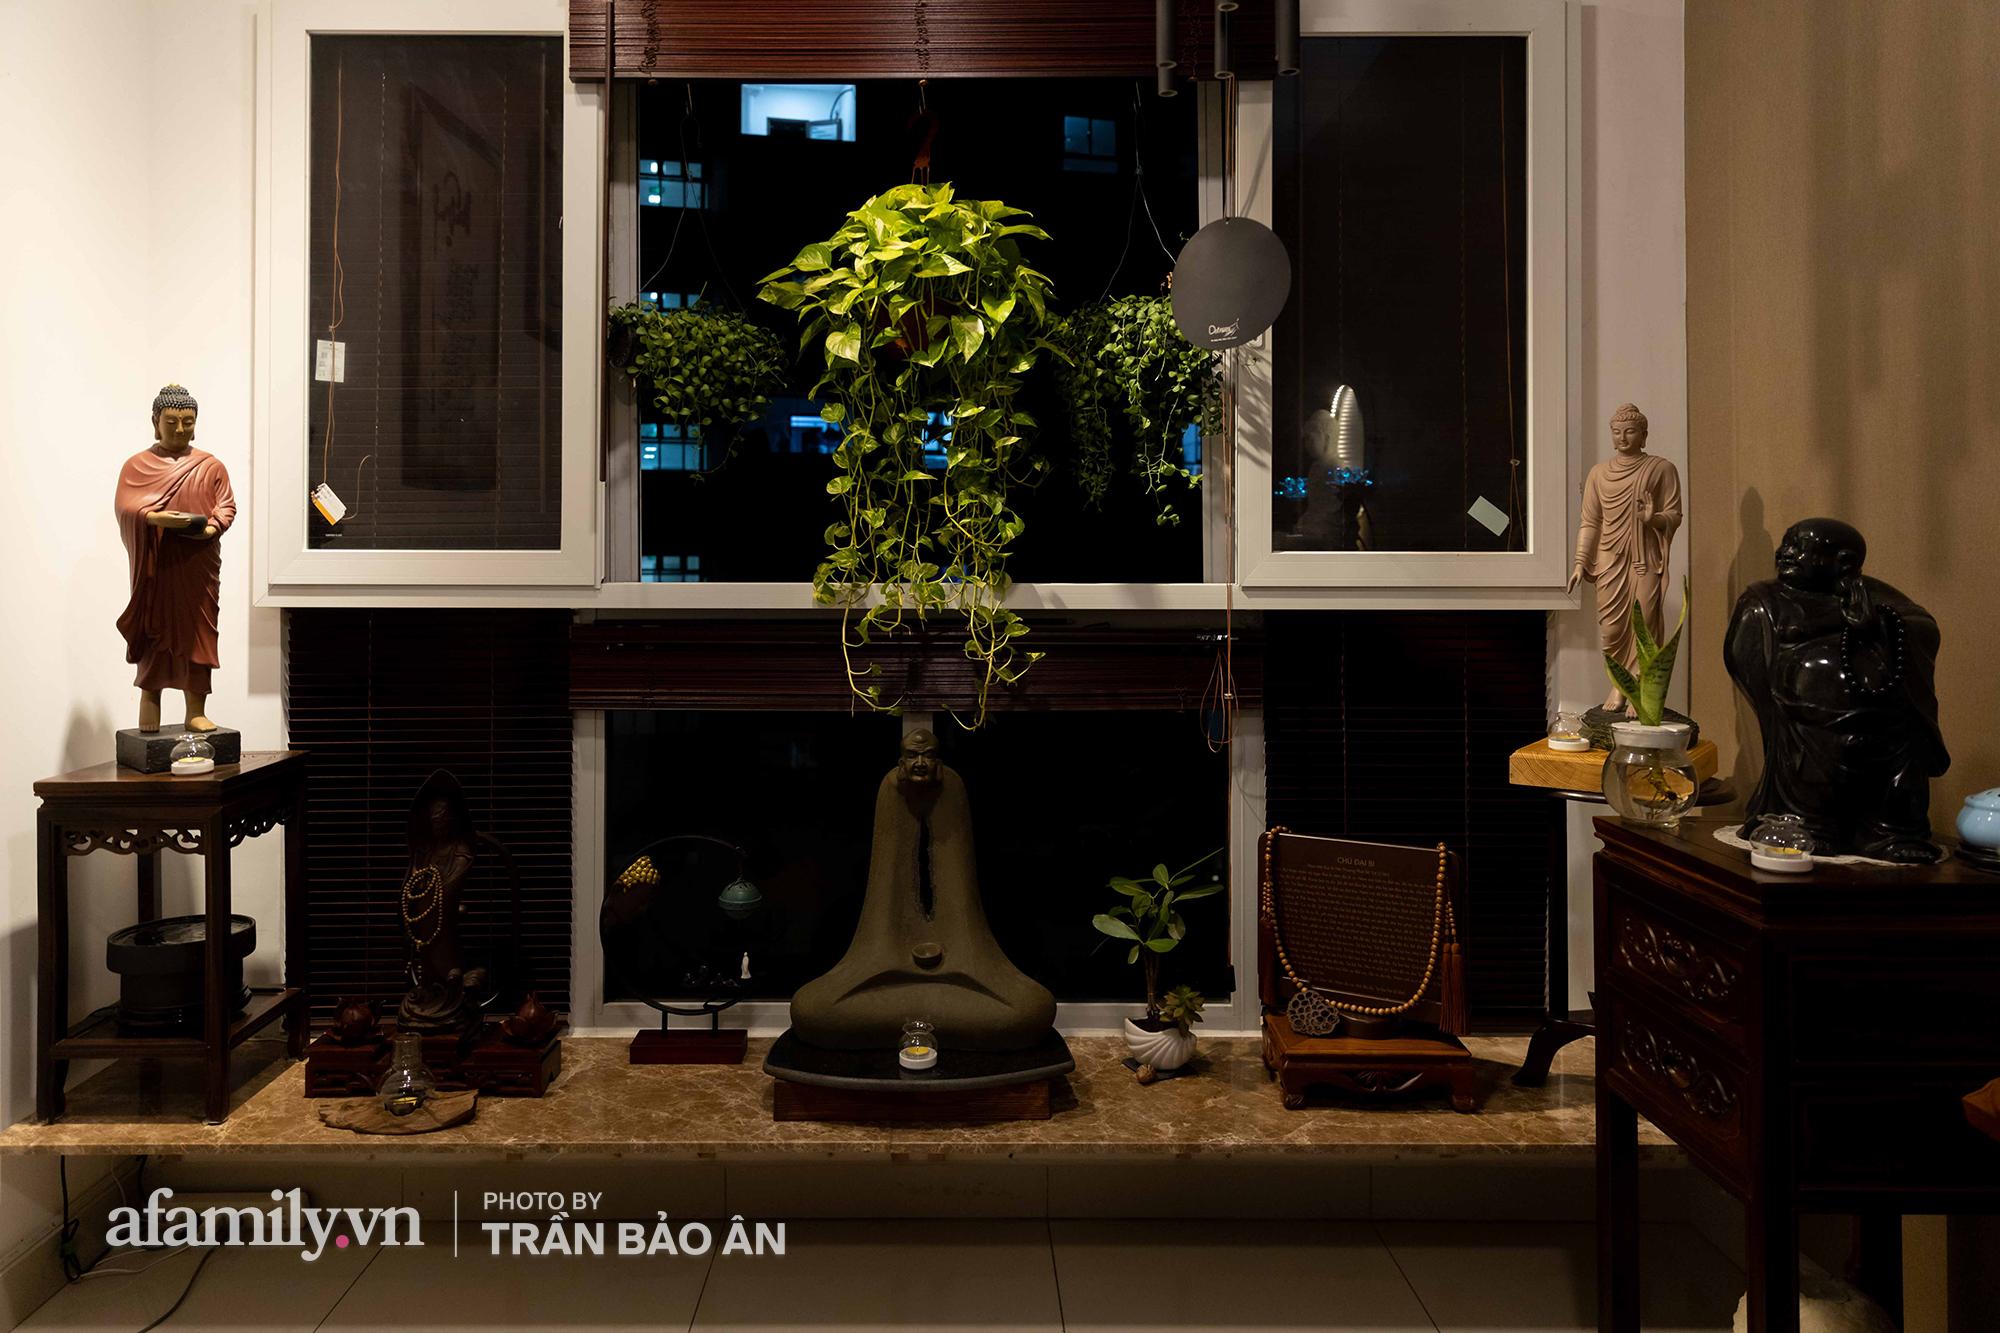 Những hình ảnh hiếm hoi tại nhà của Nghệ nhân ẩm thực Nguyễn Dzoãn Cẩm Vân kể từ khi xuất gia và bữa cơm chay do đích thân cô xuống bếp thiết đãi - Ảnh 11.